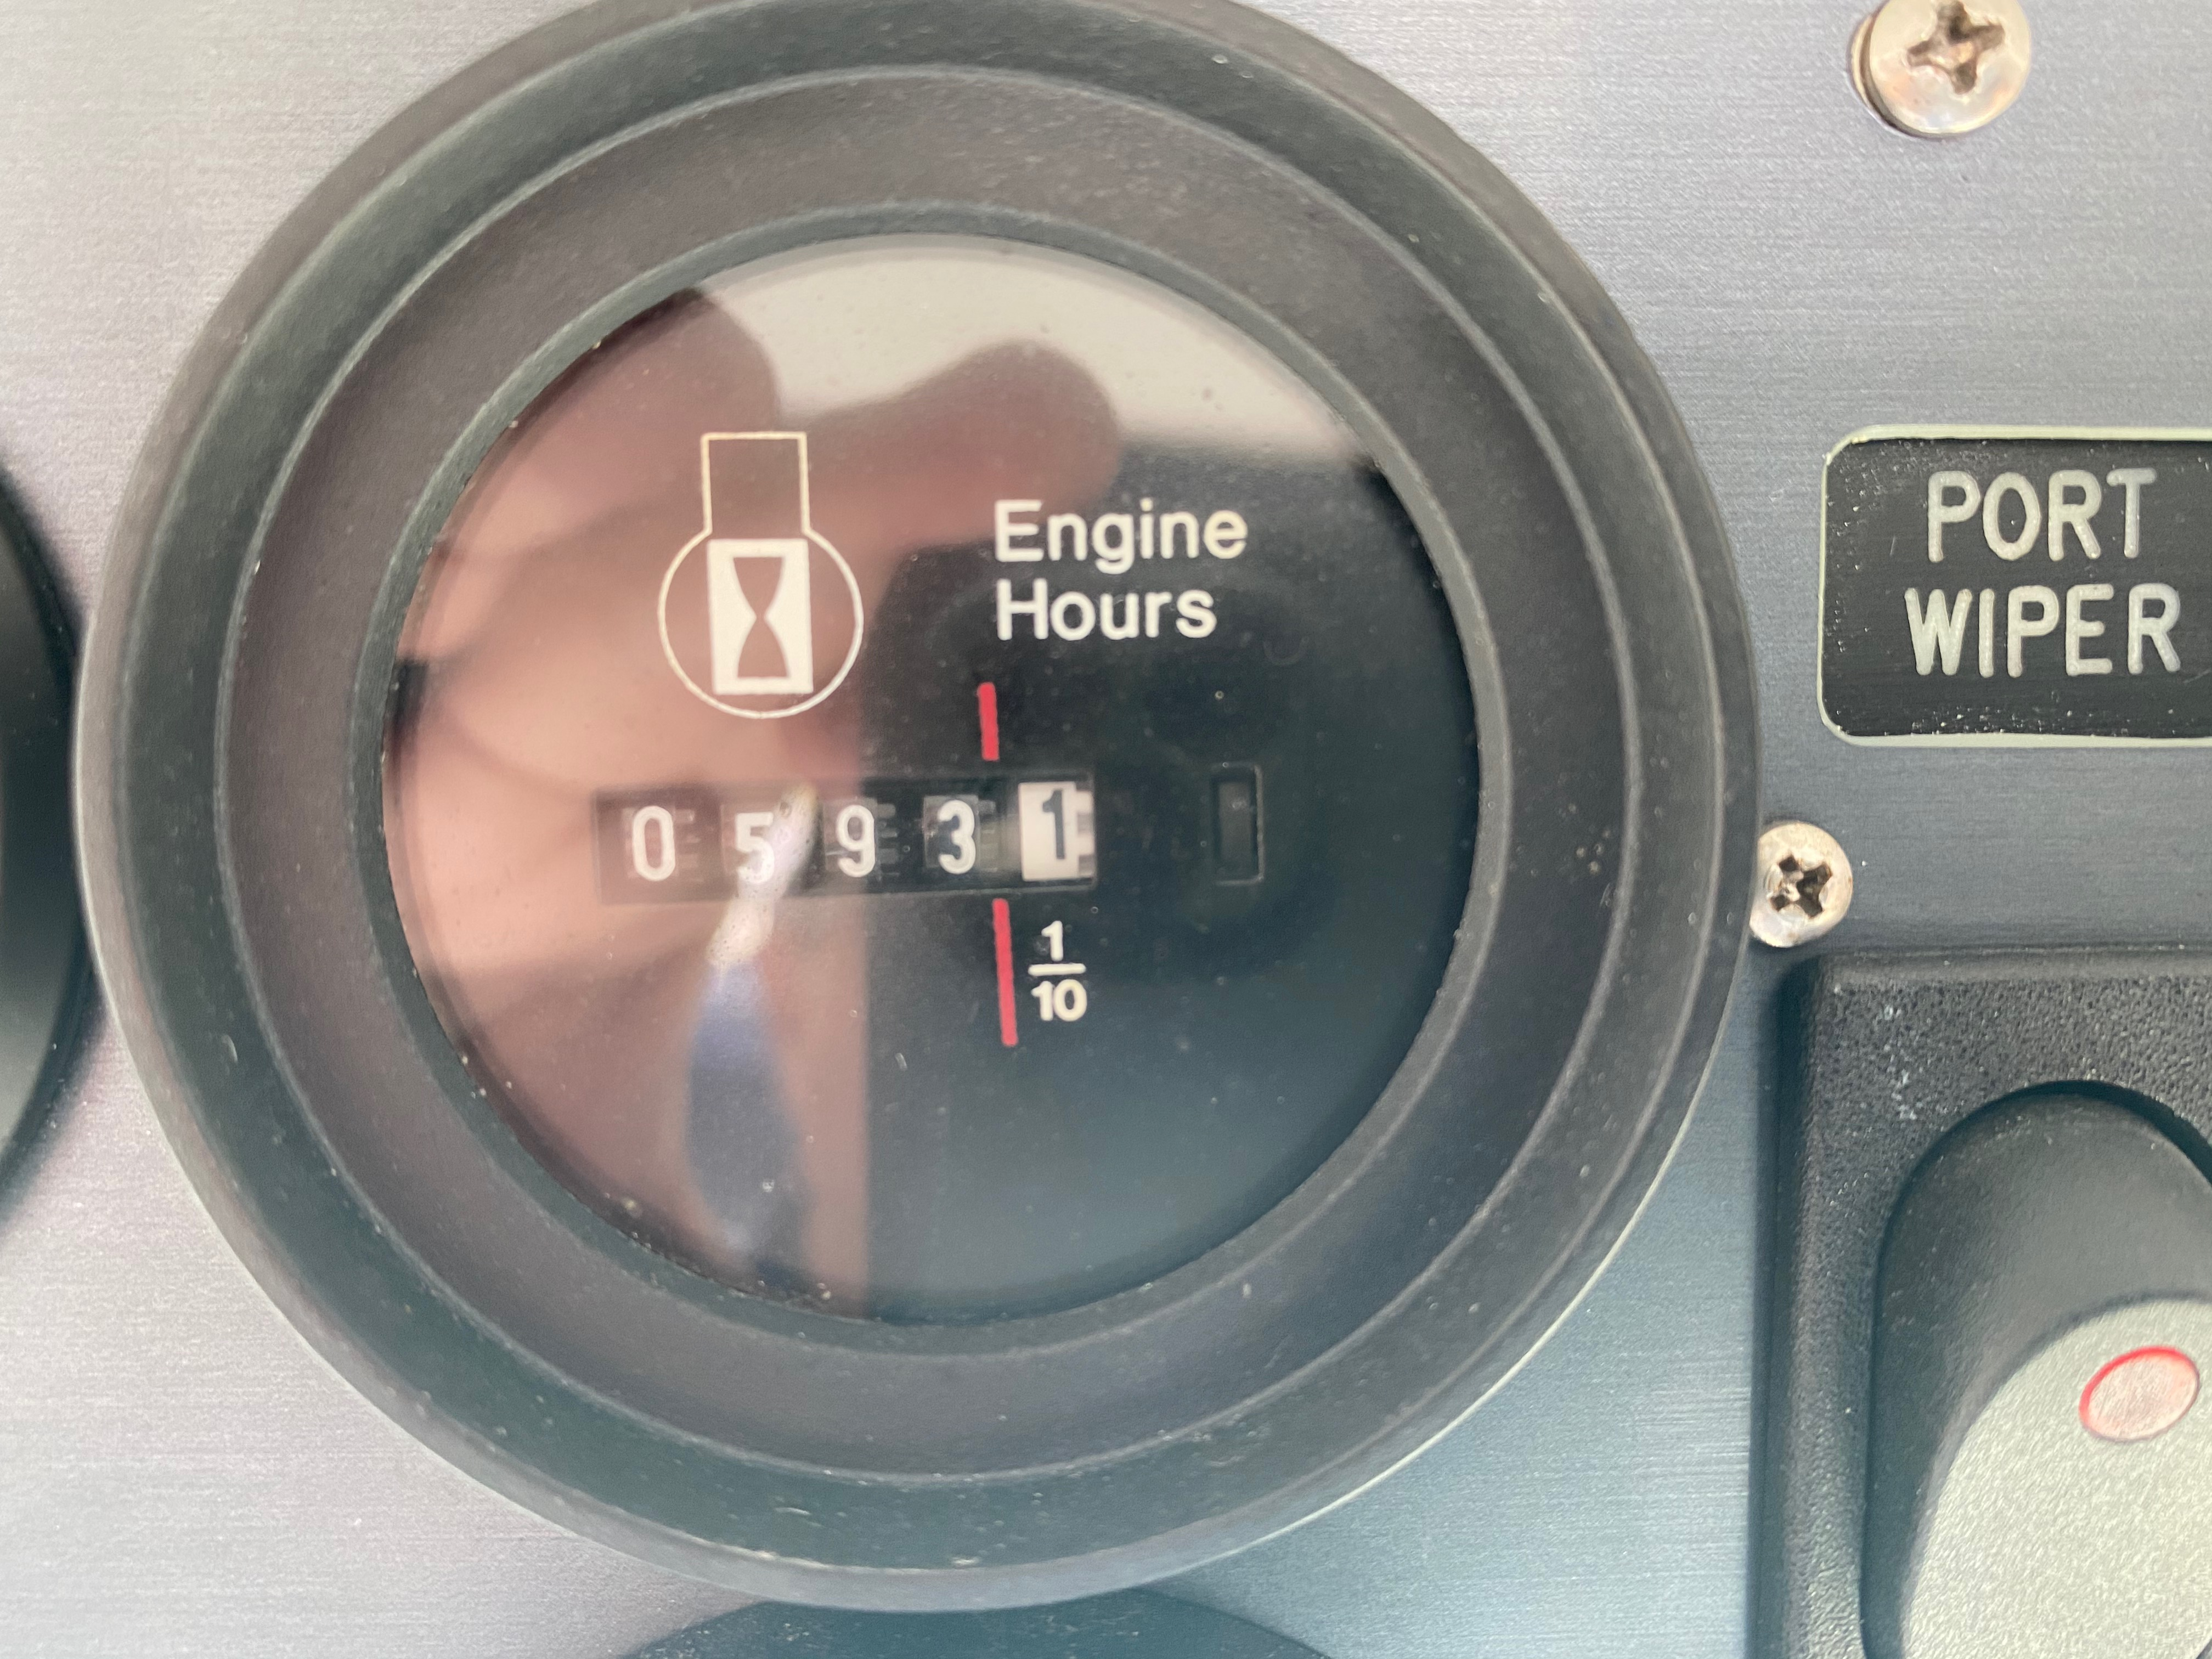 C16D84DE-919E-4242-B2F3-CC5EF5540D6F.jpeg